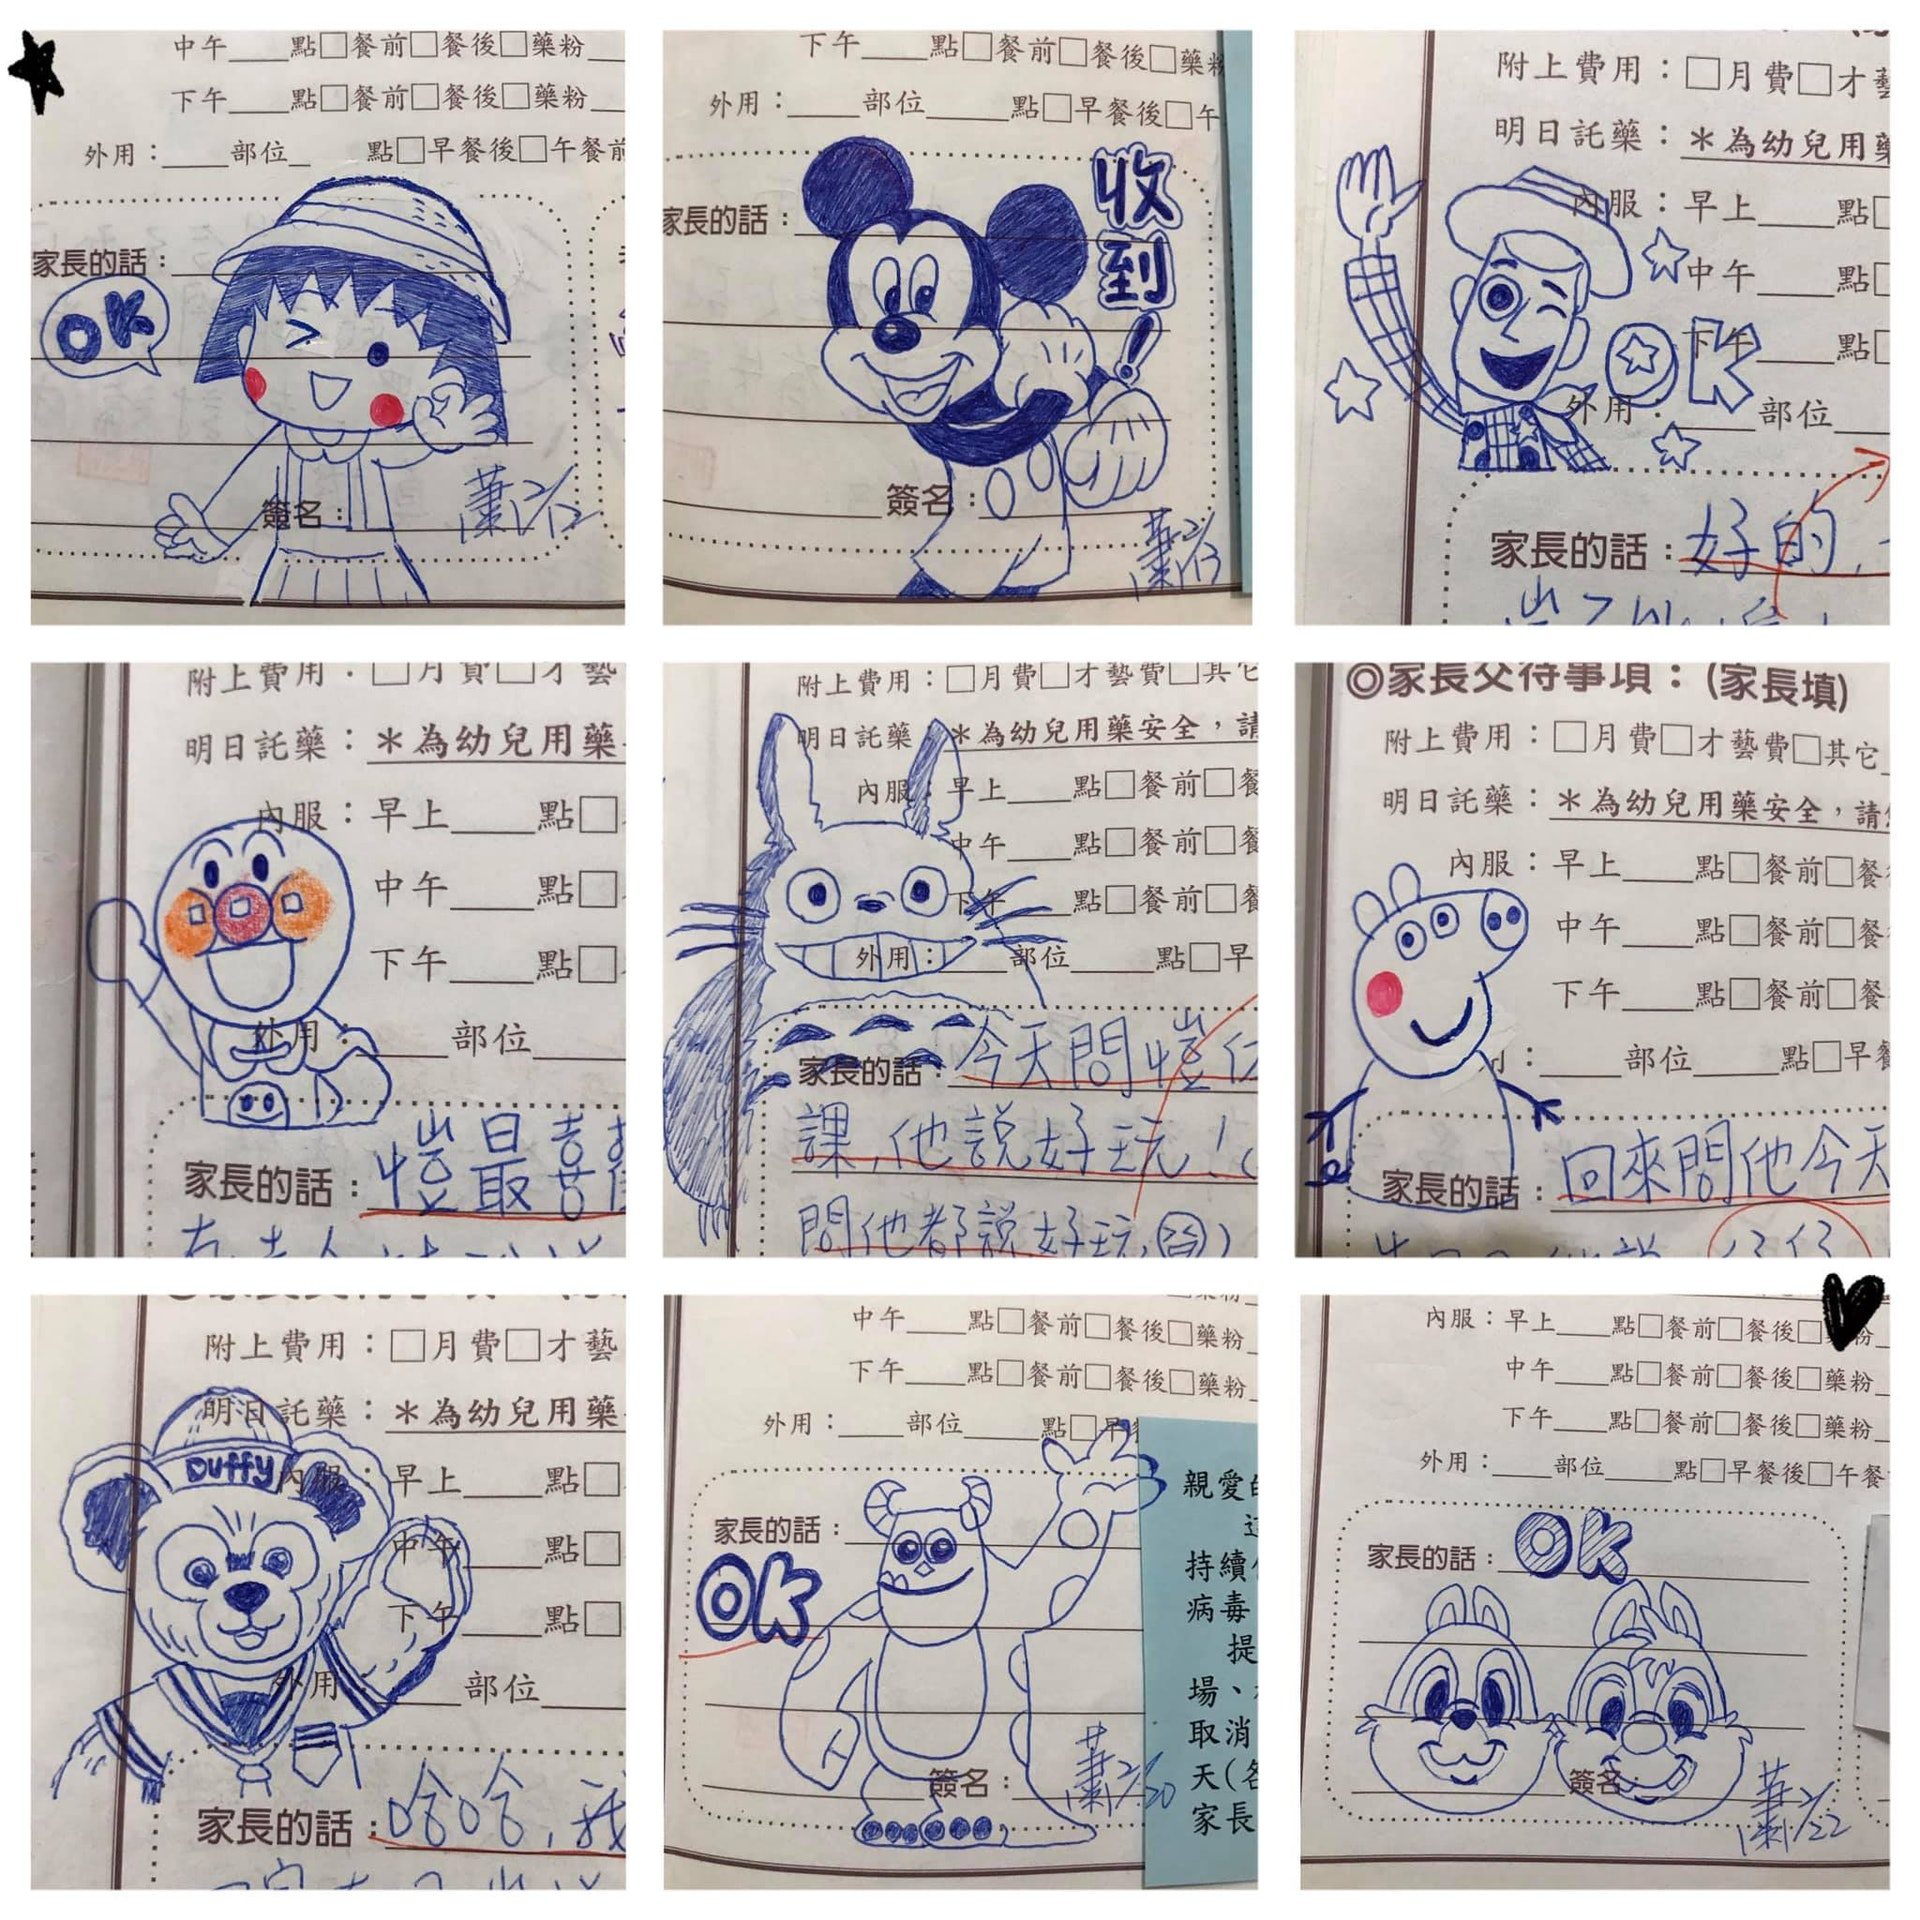 台灣一位媽媽以藍色原子筆在小孩聯絡簿上畫出無數知名卡通人物。(Facebook@爆廢公社)